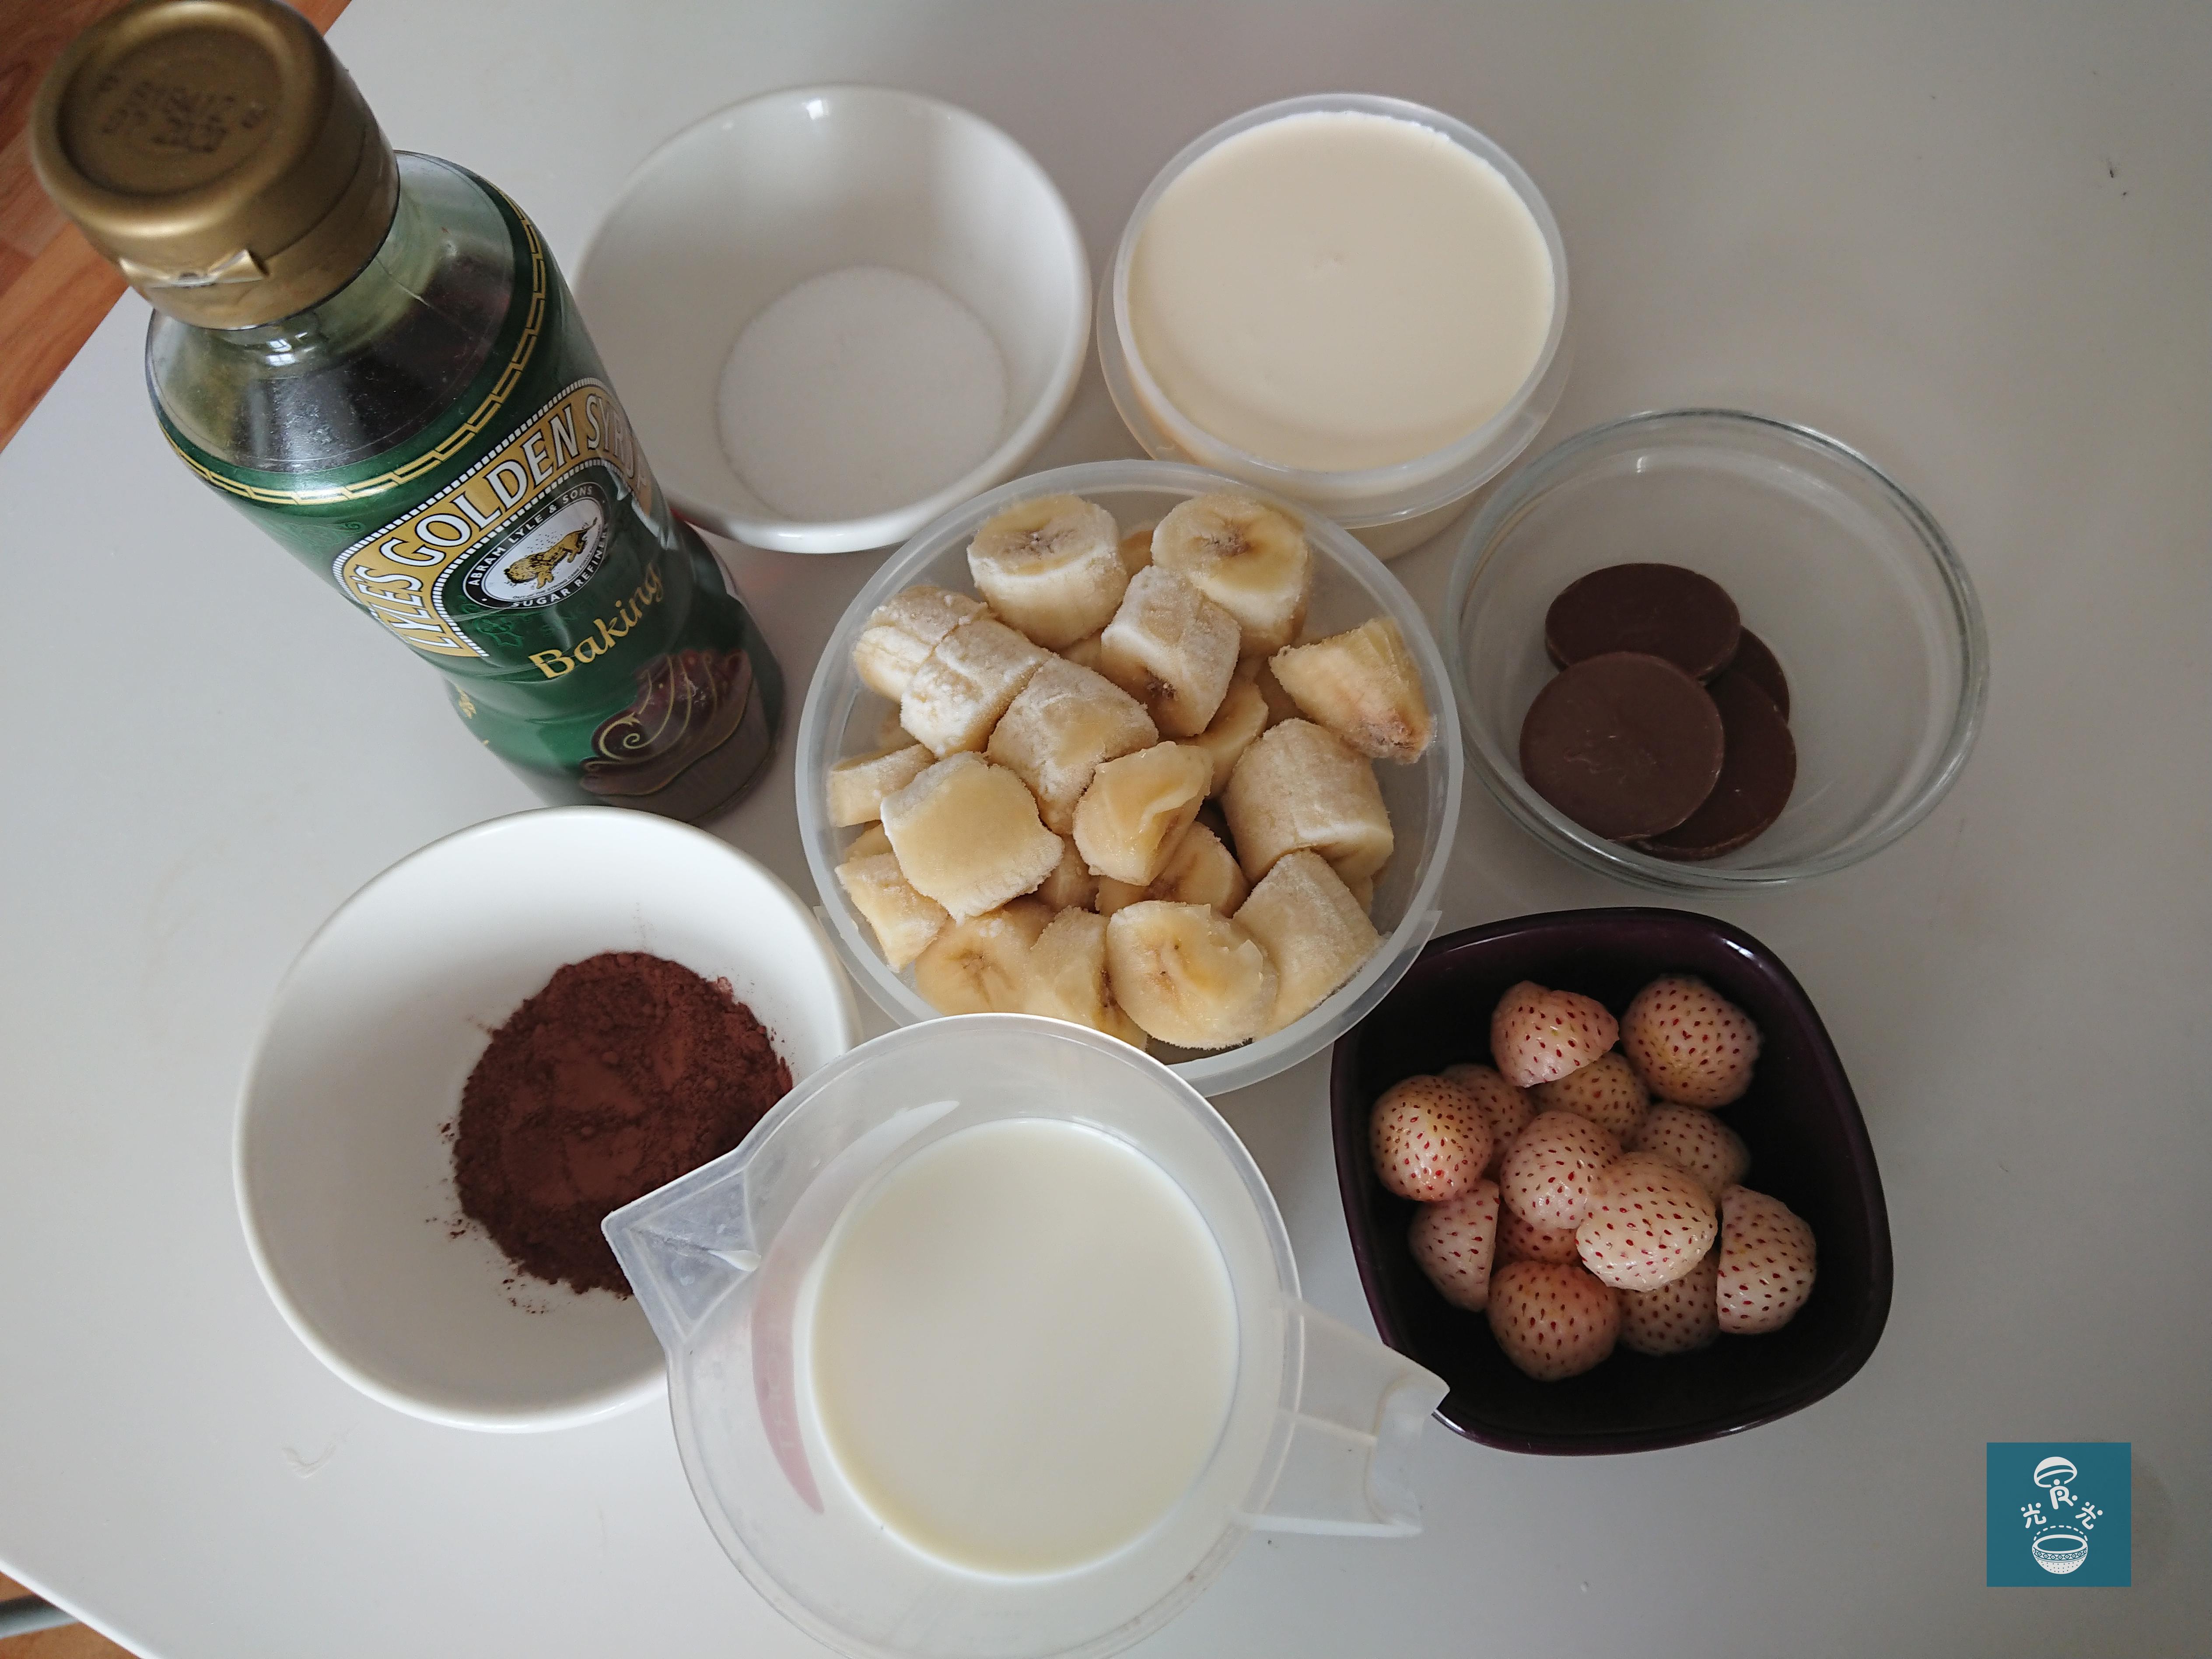 香蕉朱古力奶昔 Banana Chocolate Smoothie 香蕉 牛奶 士多啤梨 忌廉 糖漿 朱古力粒 可可粉